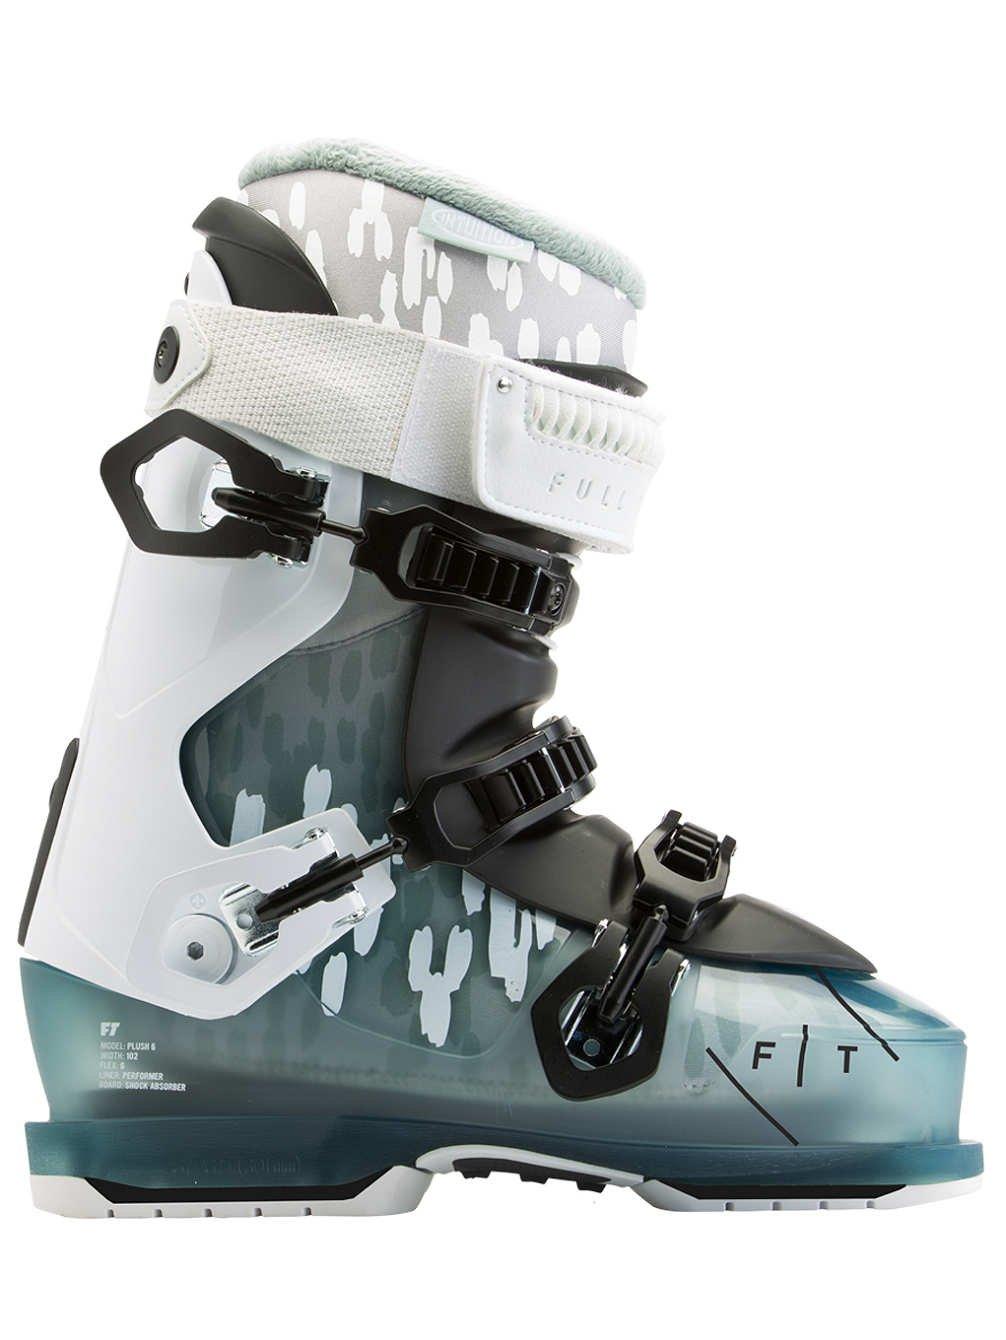 Full Tilt Plush 6 Ski Boot - Women's One Color, 26.5 by Full Tilt